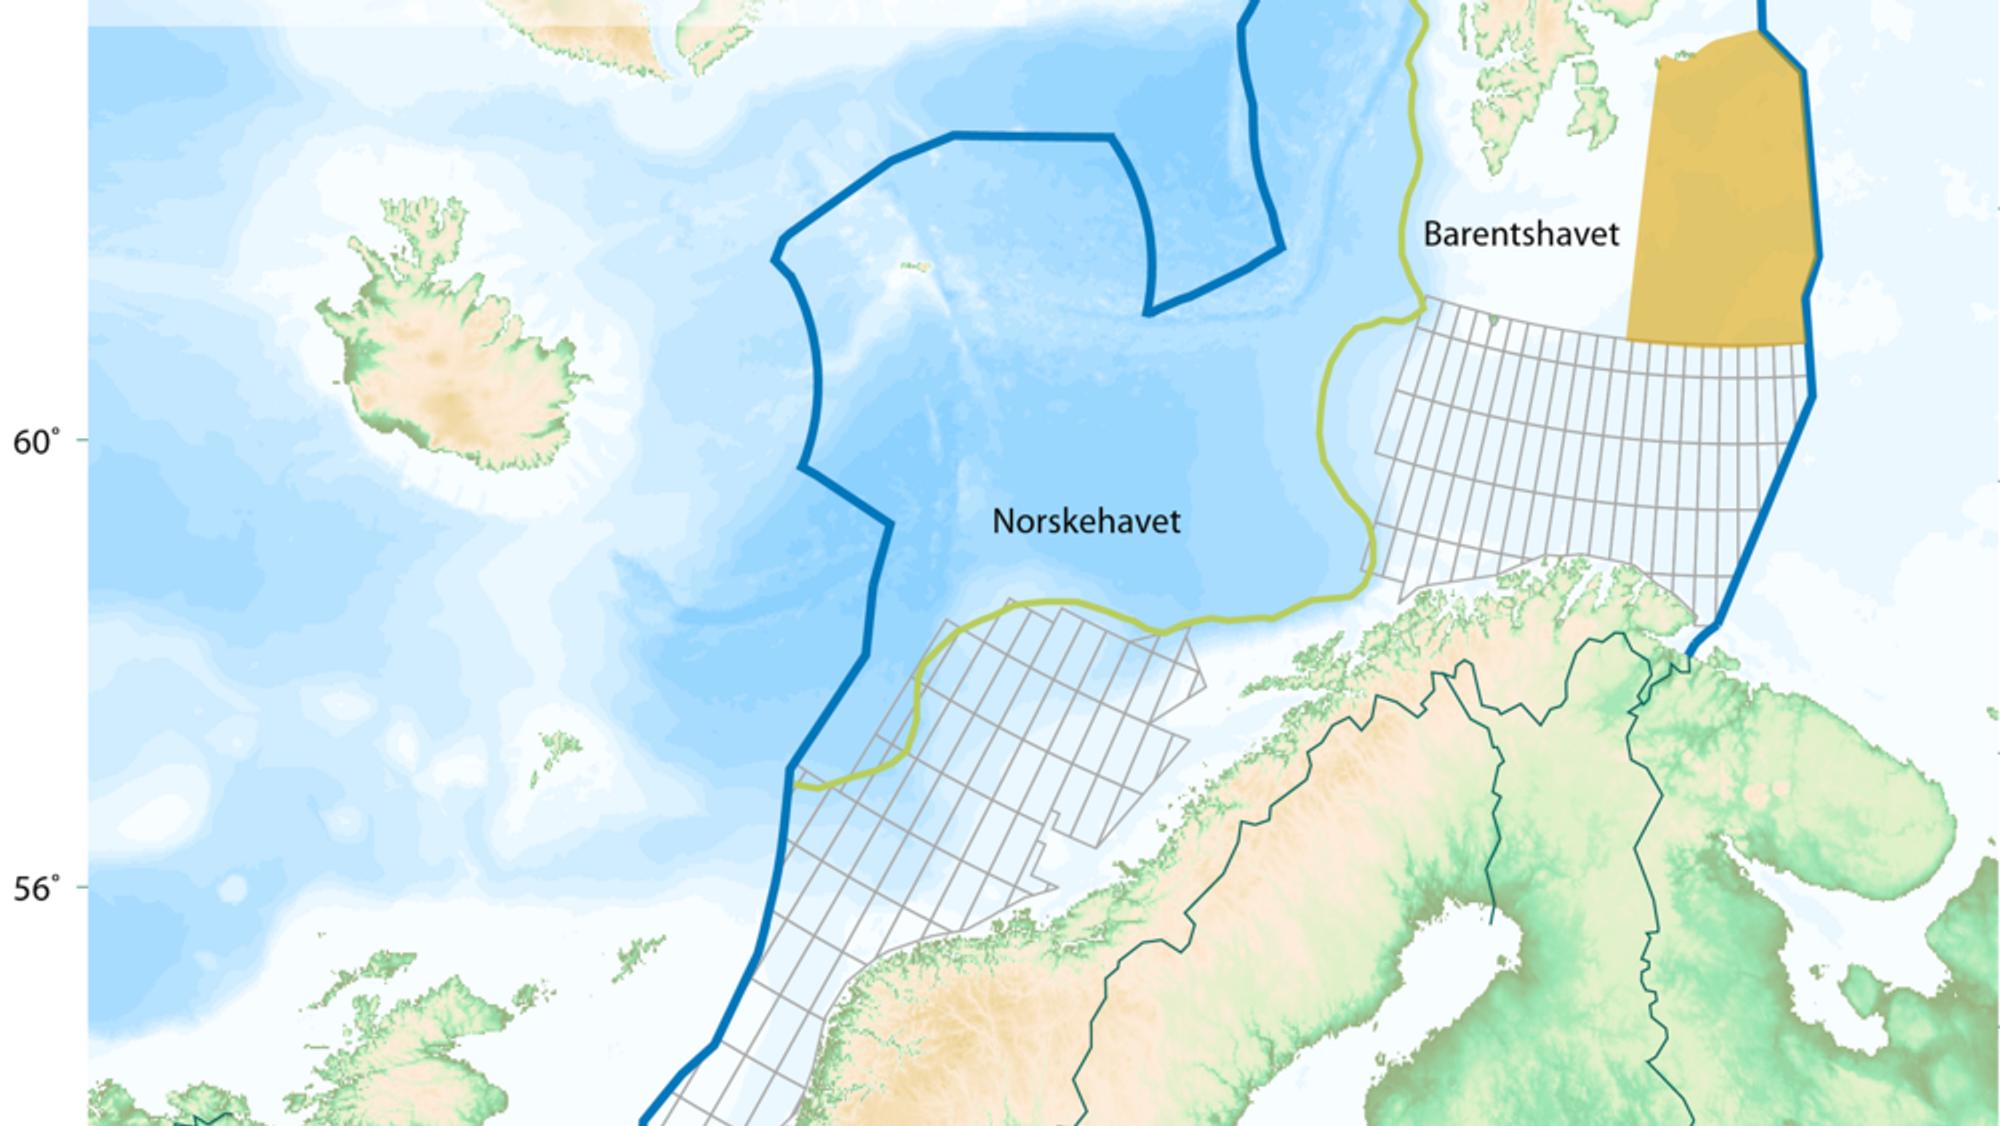 Regjeringen vil bevilge penger til kartlegging av nye områder i Barentshavet med tanke på oljeleting.